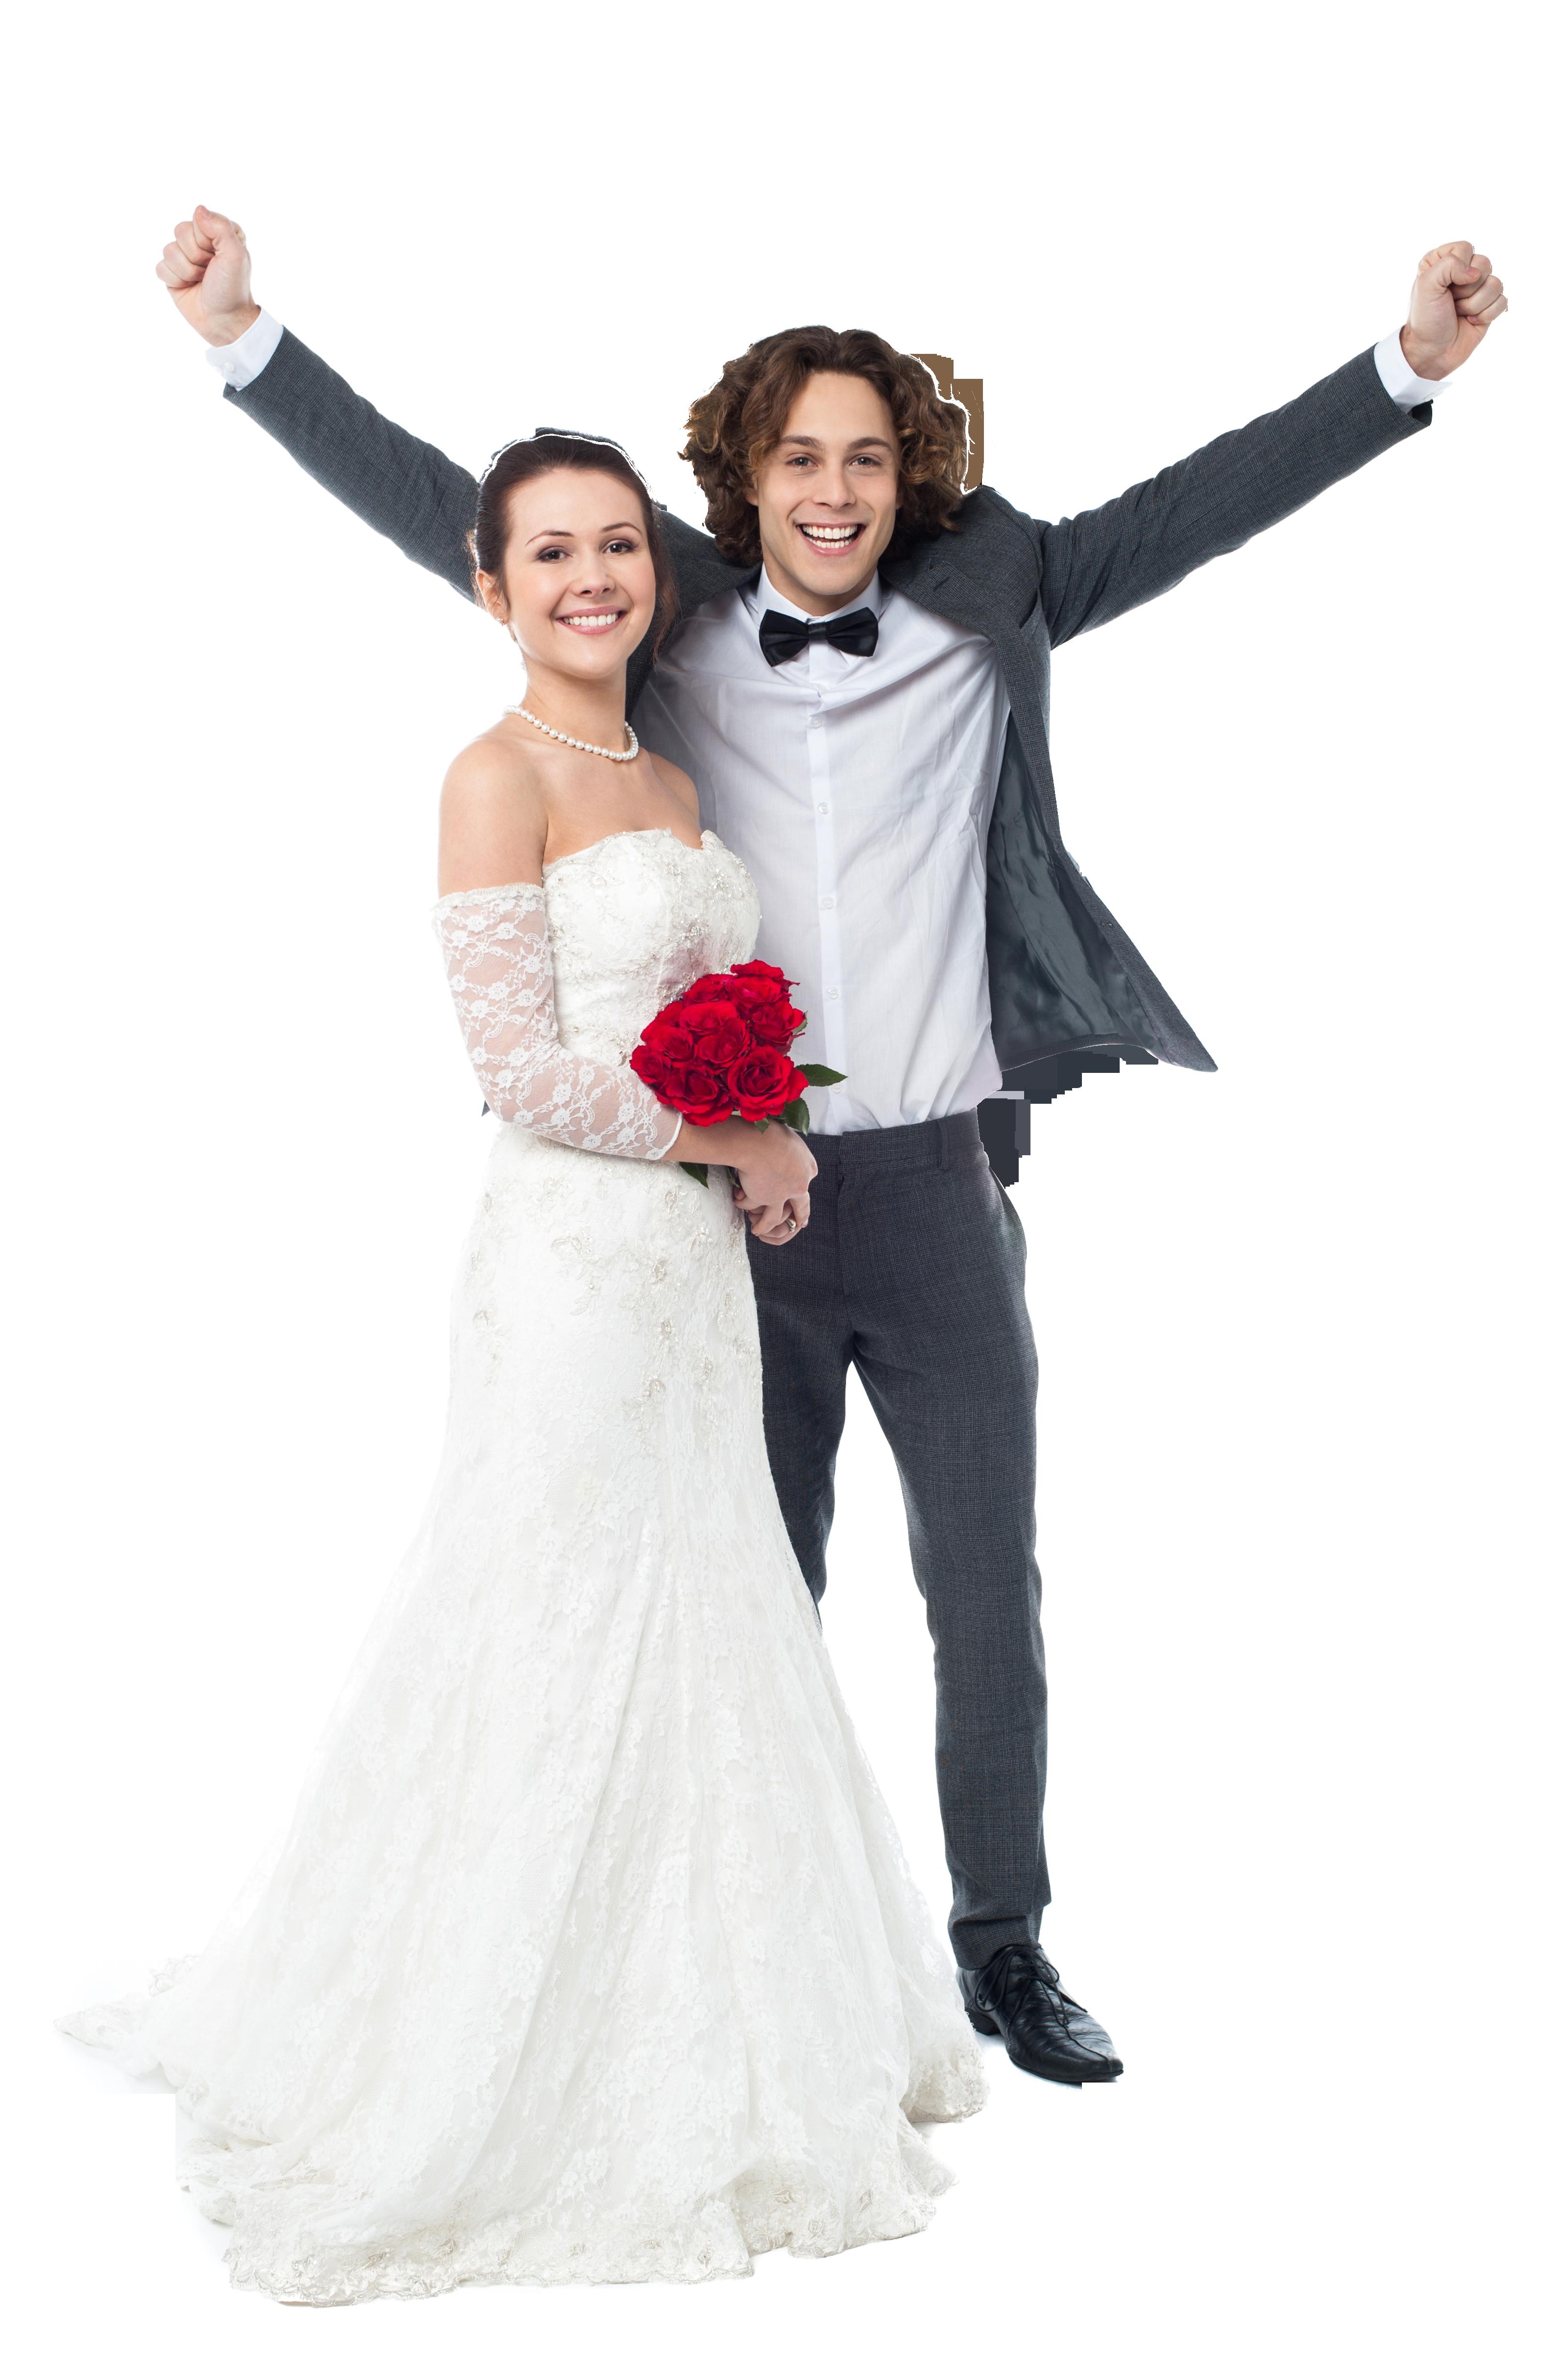 Wedding Couple Png Image Wedding Couples Wedding Couples